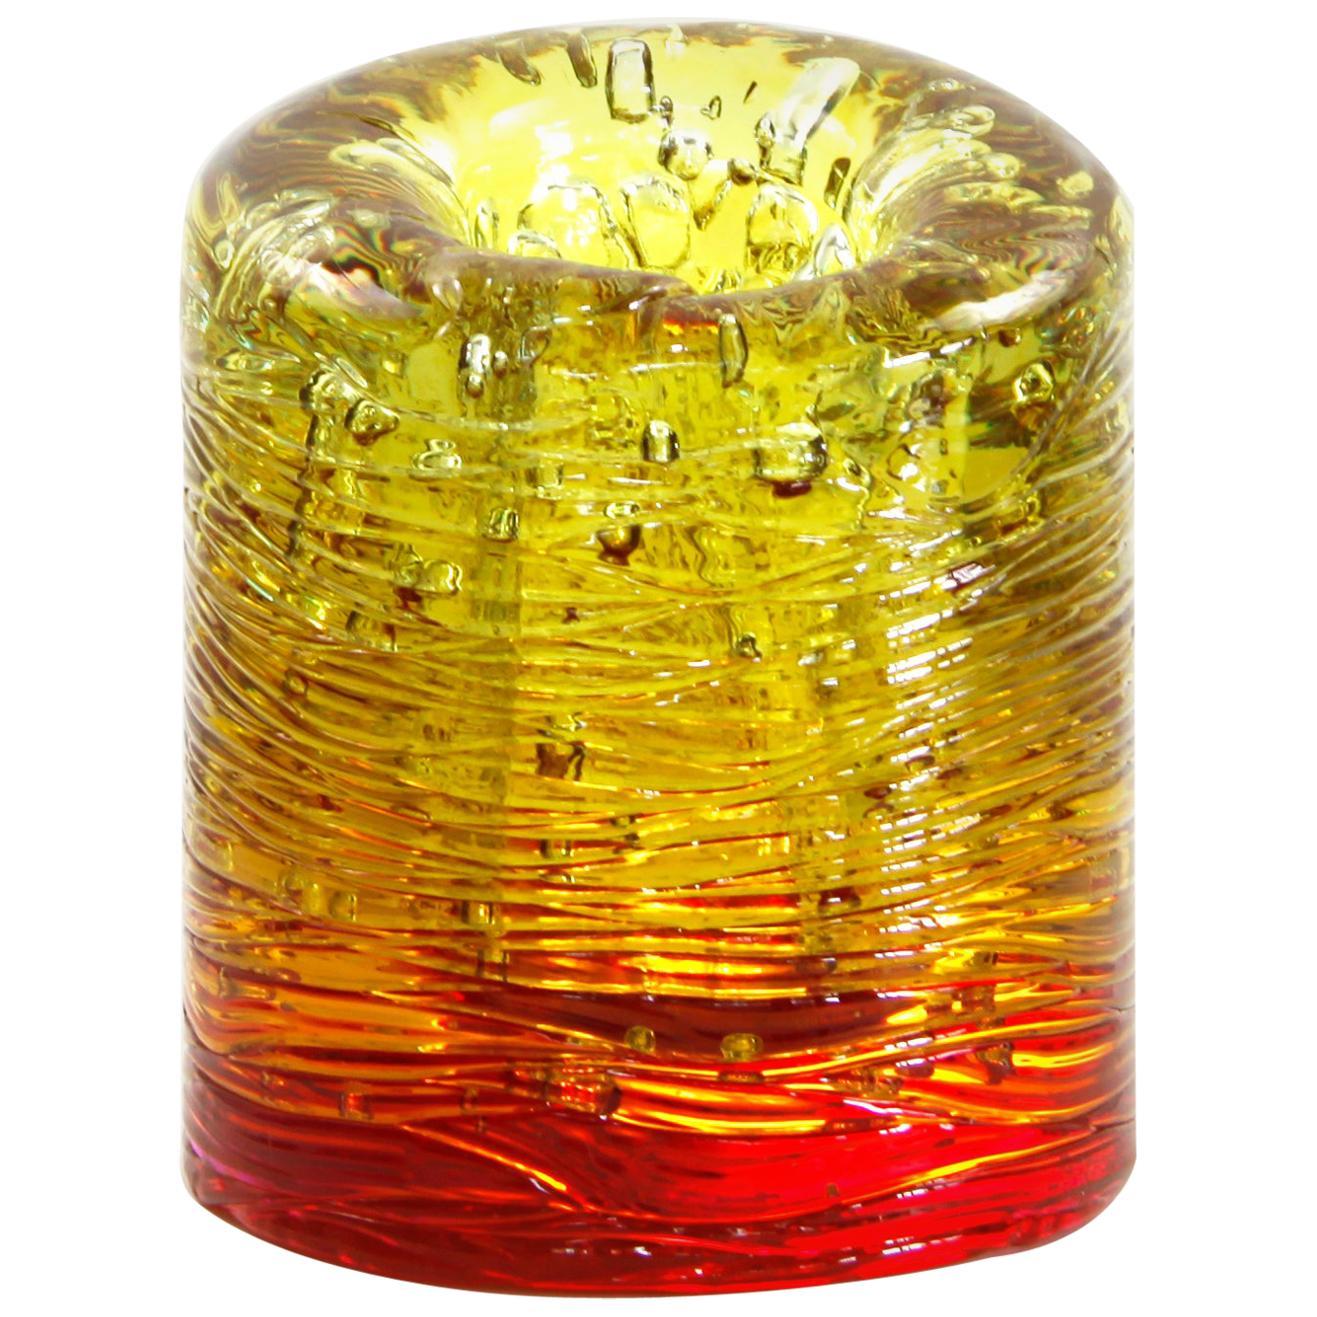 Jungle Contemporary Vase, Small Bicolor Gold and Red by Jacopo Foggini